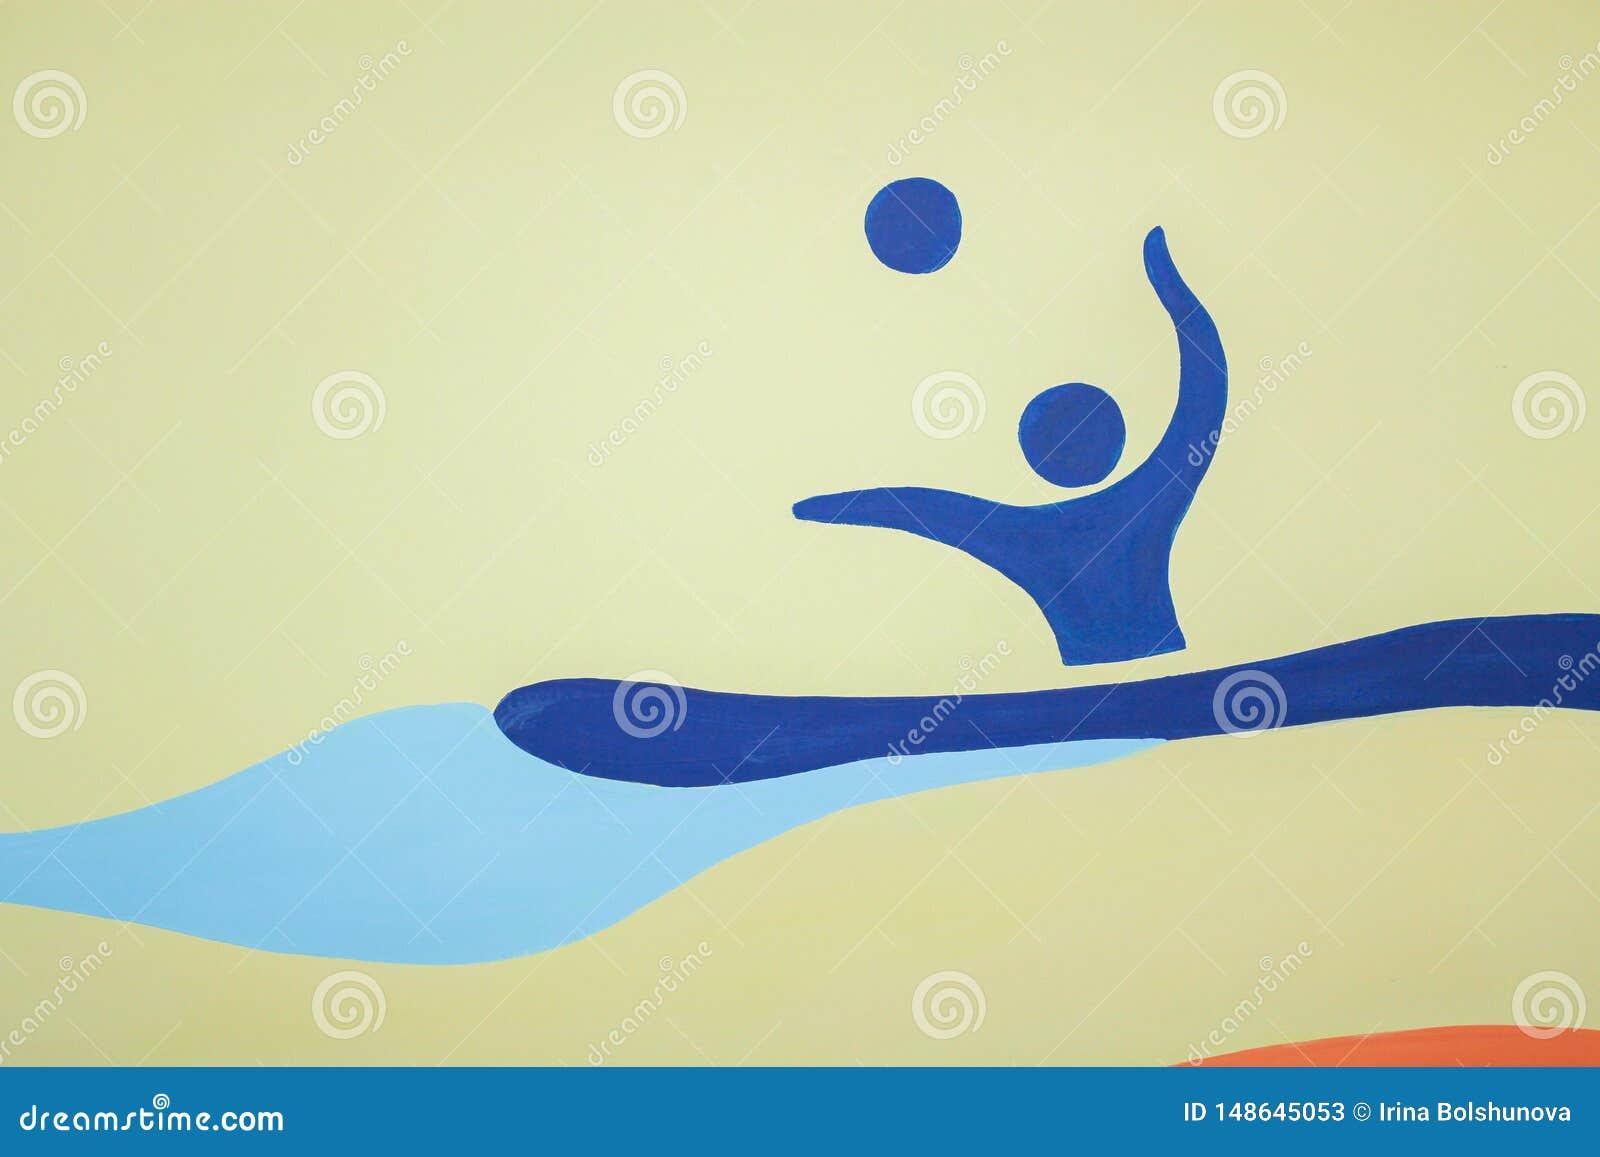 Figura azul del hombre que nada con una bola